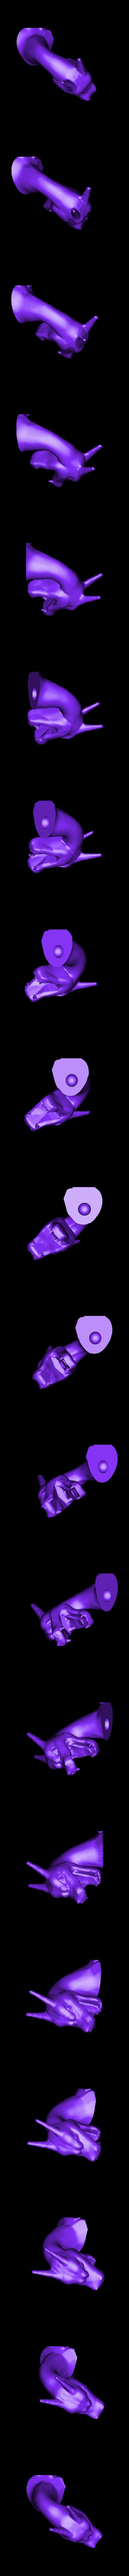 charizard_head.stl Download free STL file Charizard • 3D print model, KerberosFi